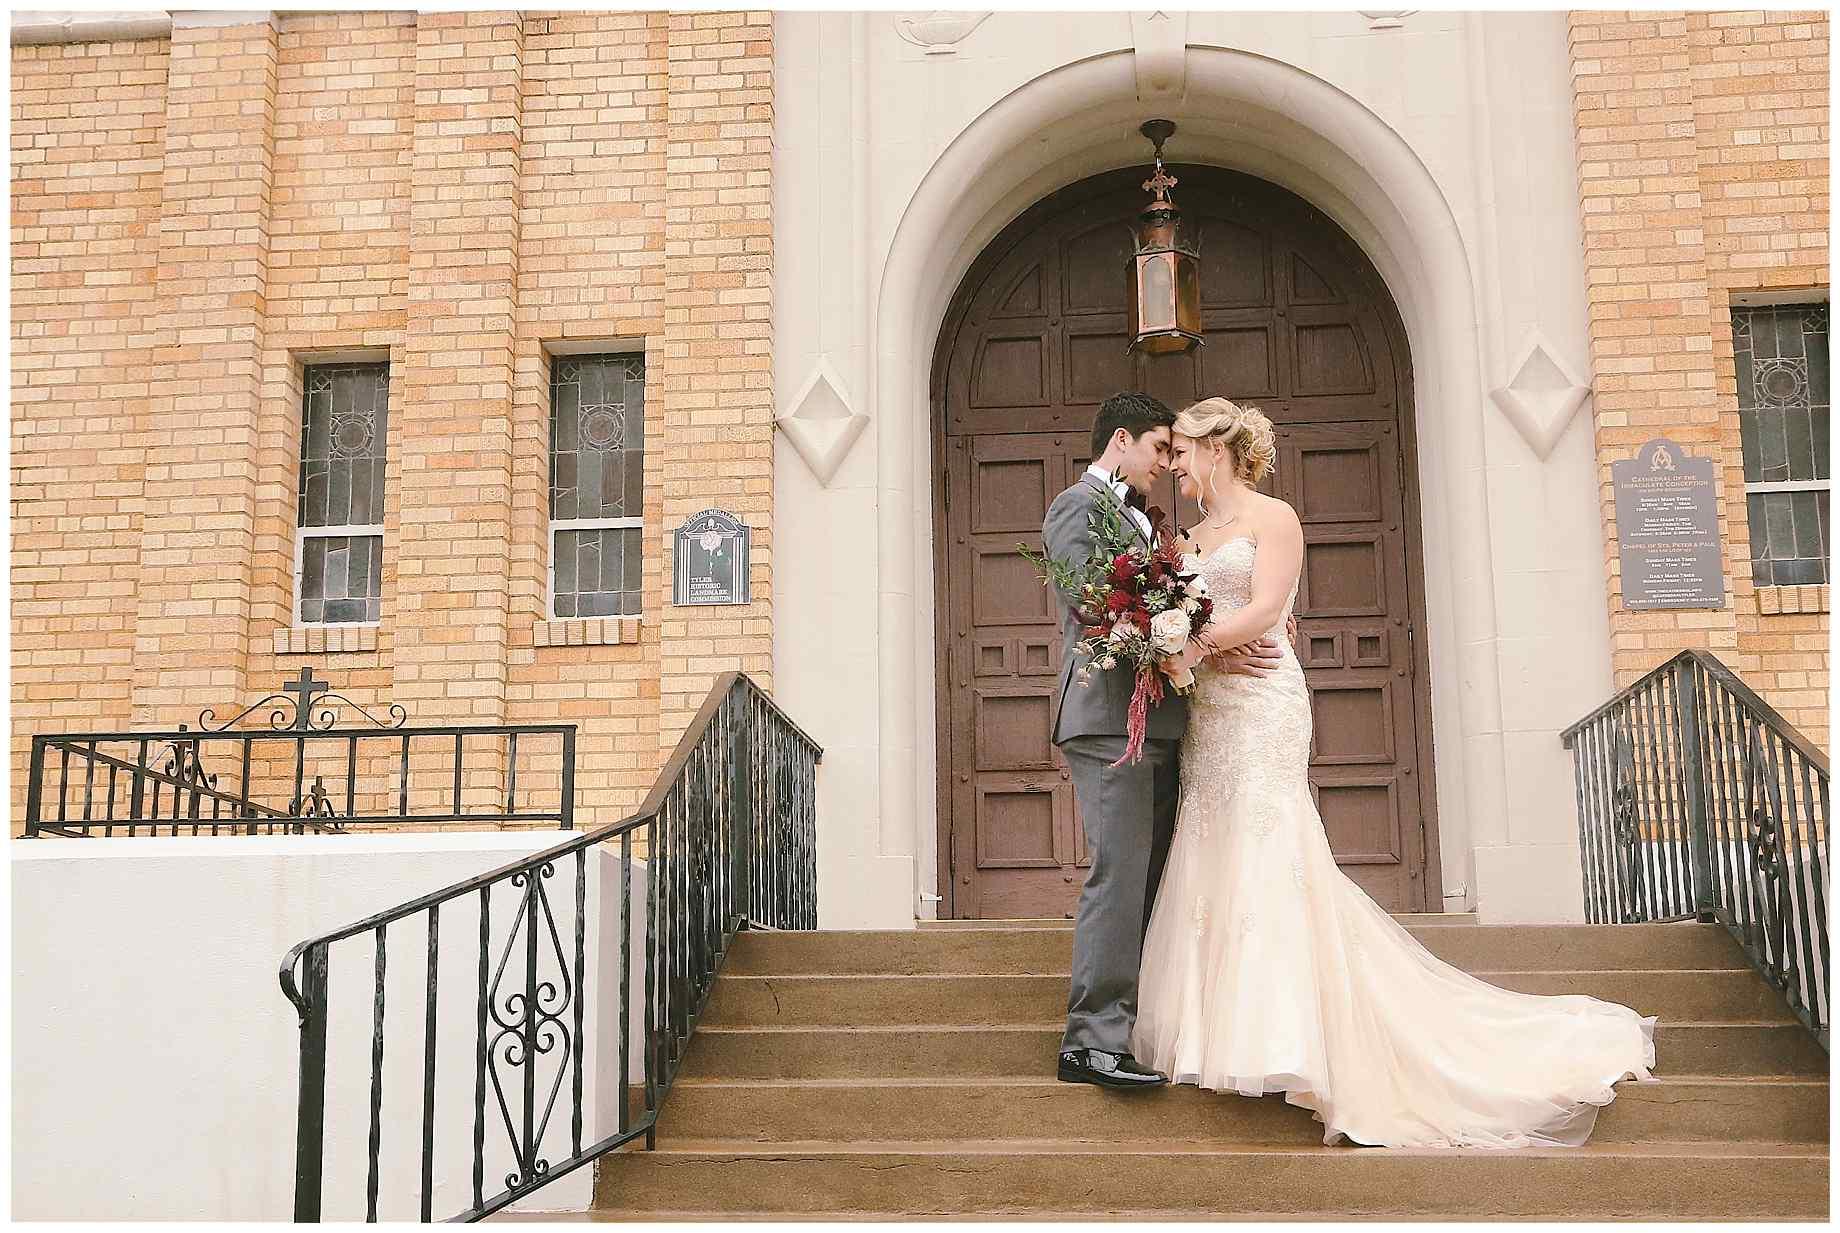 top-10-wedding-photos-of-2015-009